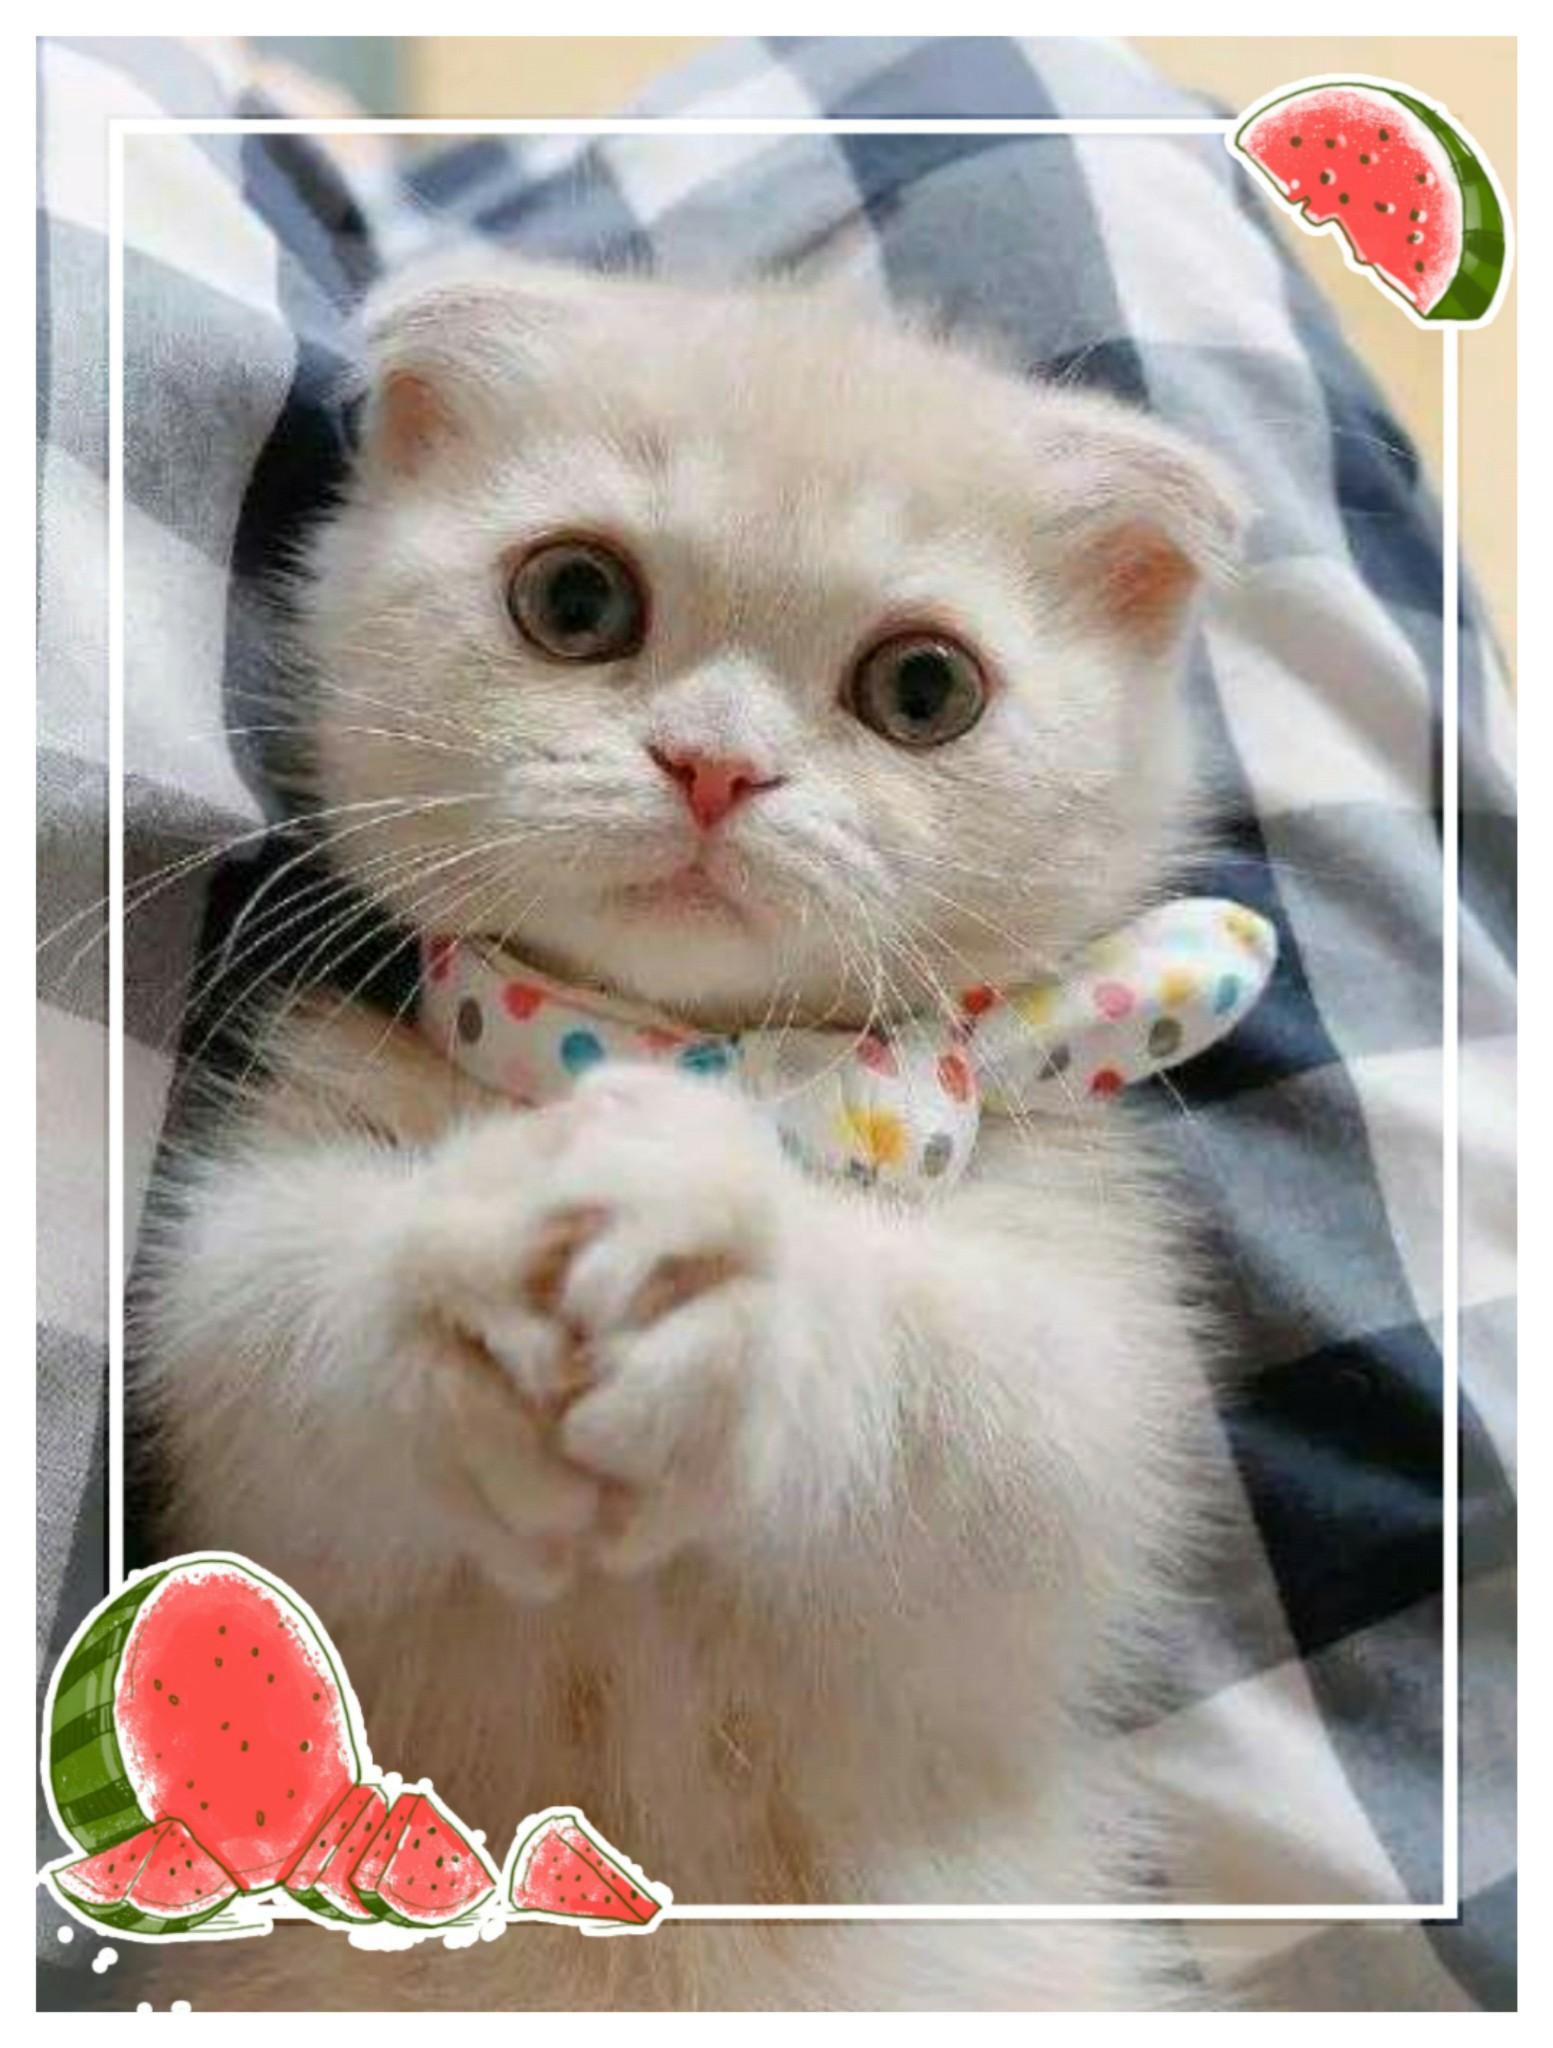 这是我家的小猫咪可爱吧!